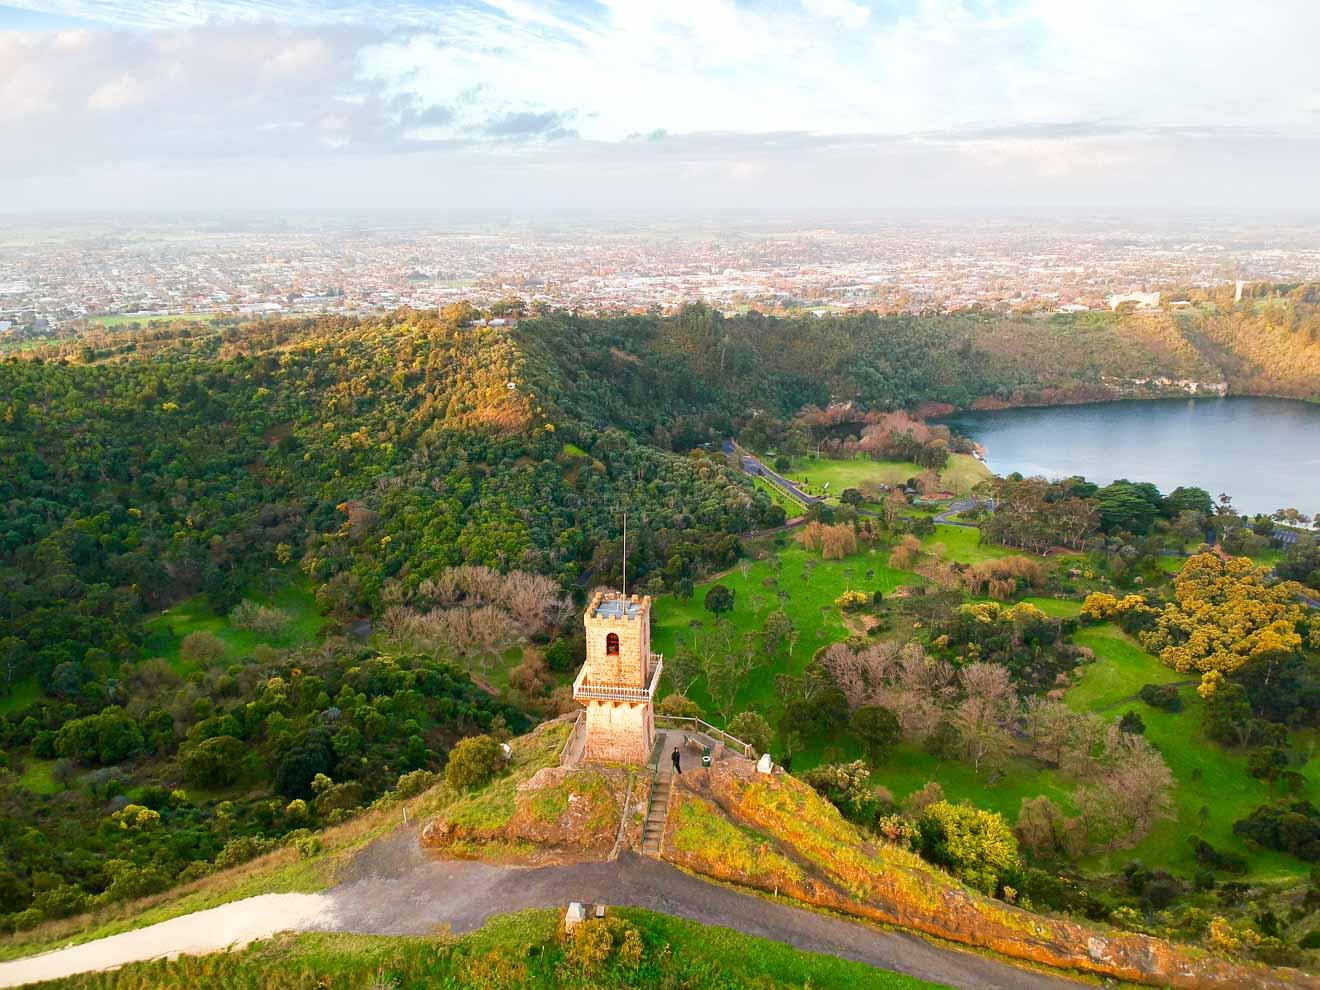 Qué ver en Mount Gambier - Torre del Centenario Qué hacer en Mount Gambier